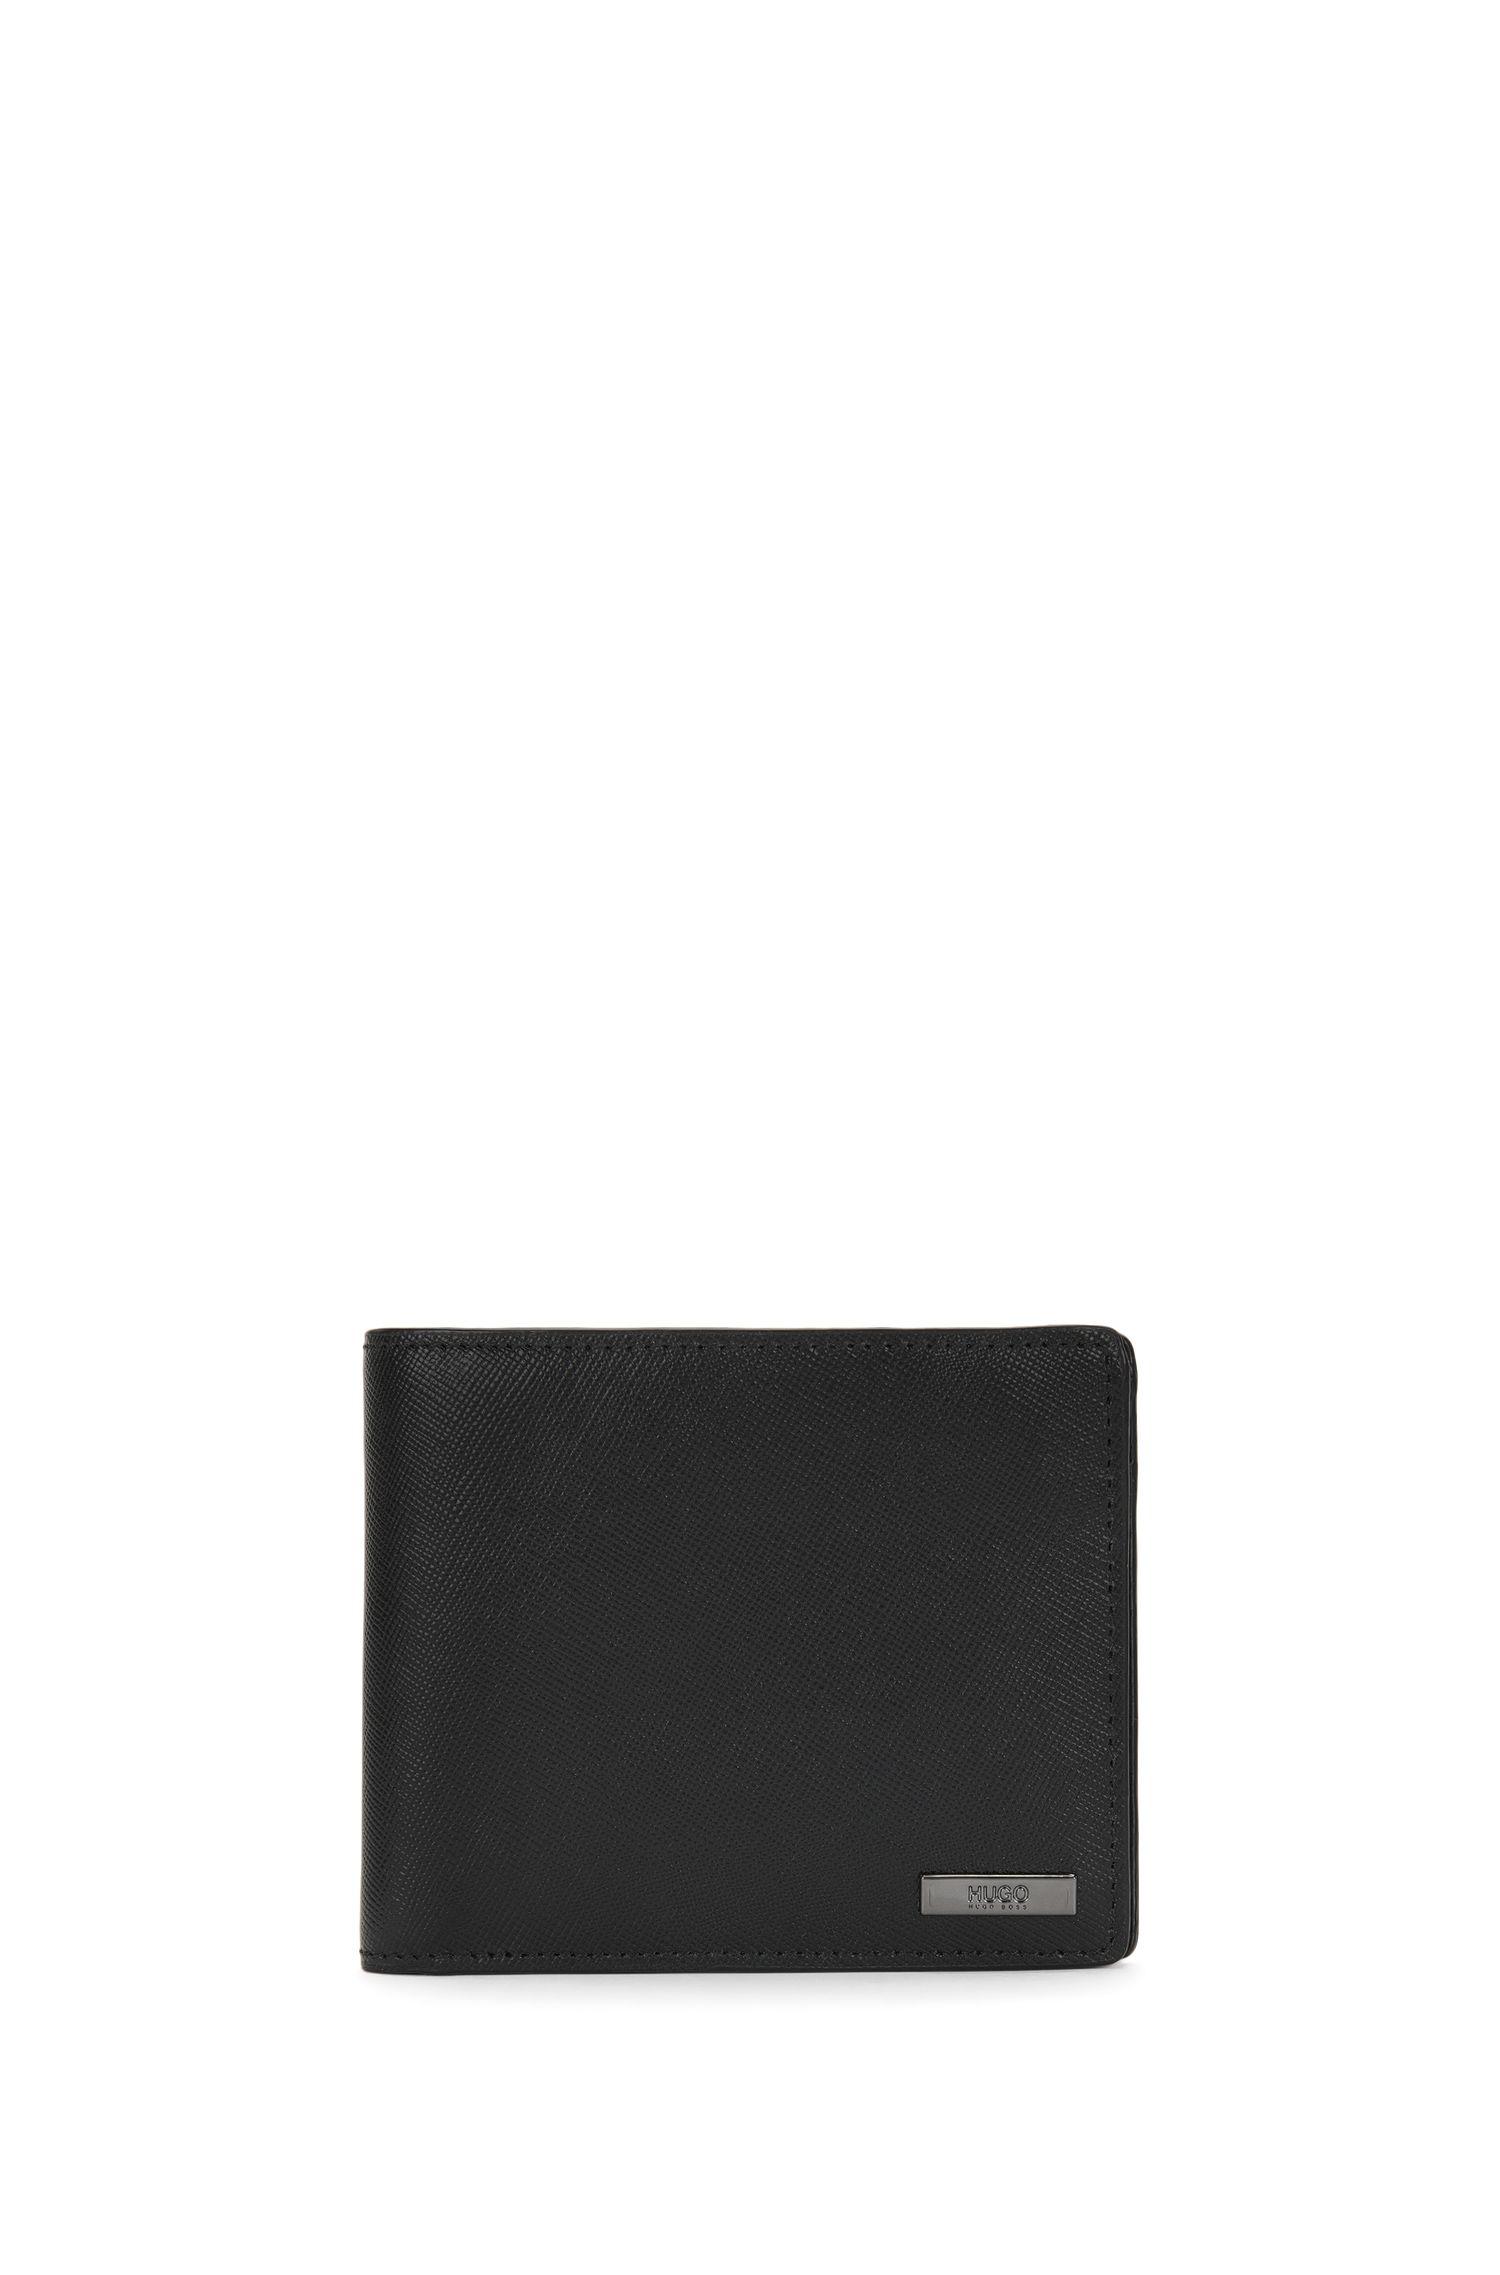 Geldbörse aus Leder mit Saffiano-Prägung: 'Digital_Trifold'